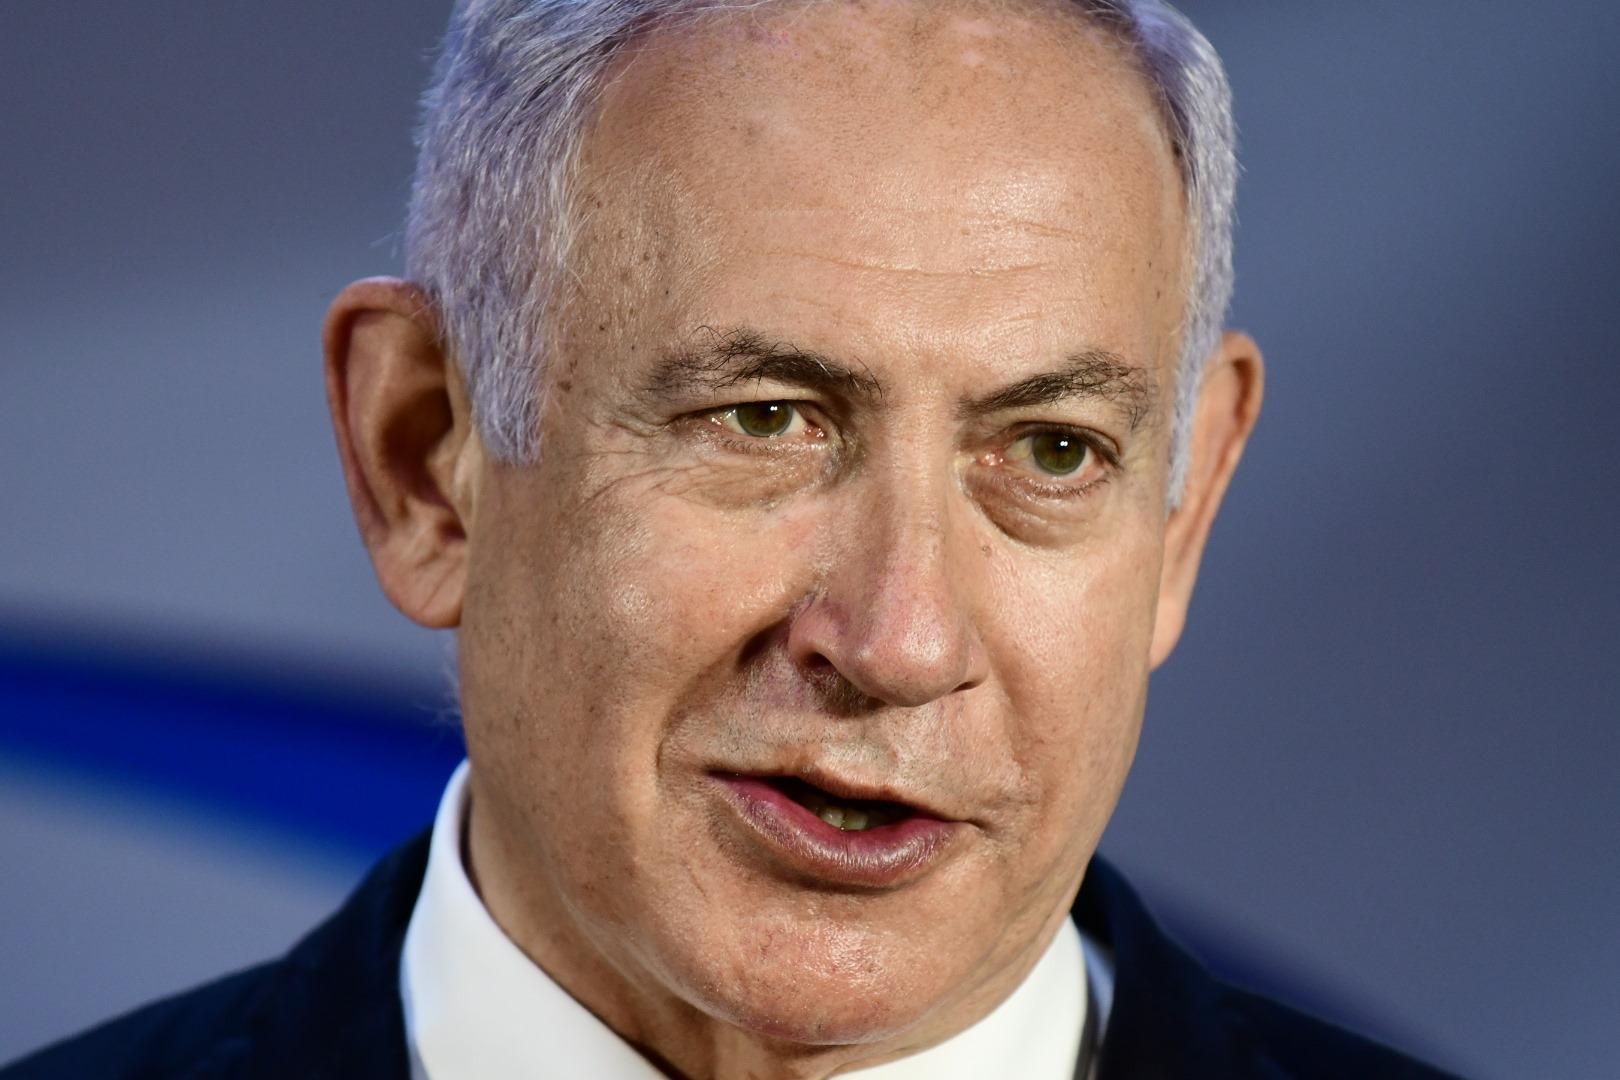 COMENTARIU Lelia Munteanu | Bibi profeţeşte prăbuşirea Israelului, dacă va fi alungat de la putere